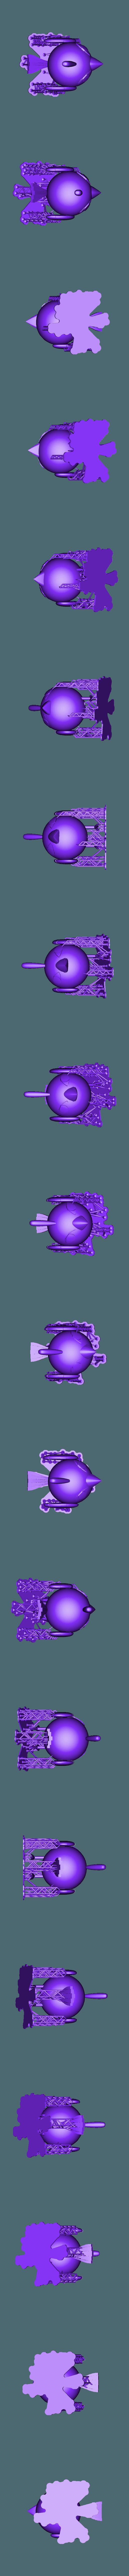 Natu_Pokemon_supports.stl Télécharger fichier STL gratuit Natu Pokemon (ネイティ Neiti) • Plan à imprimer en 3D, Jangie